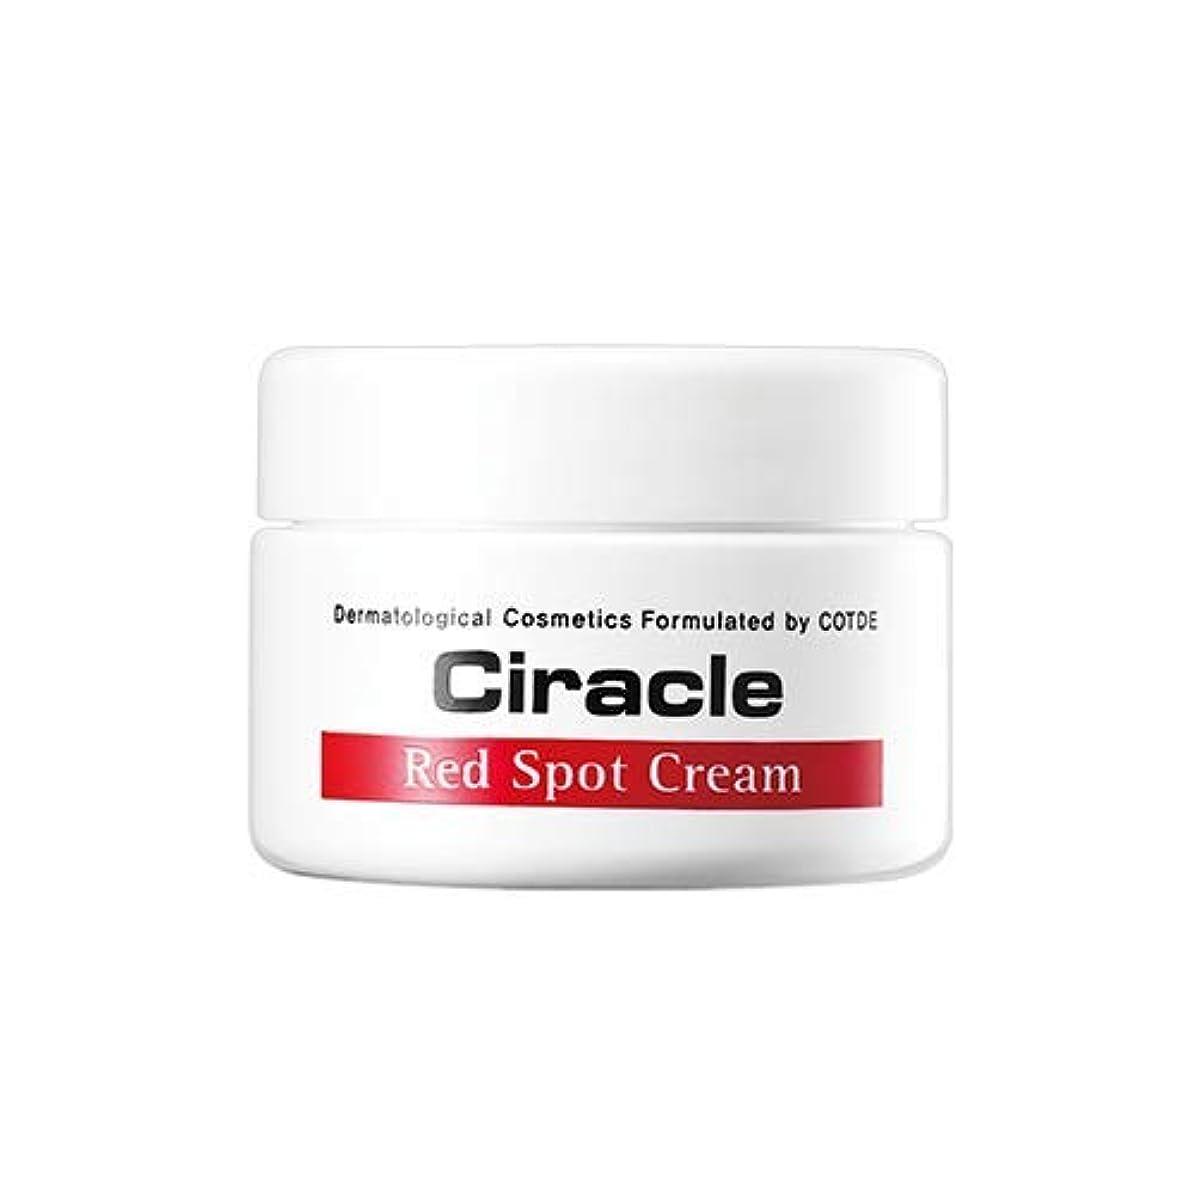 いちゃつく裏切り者彼女のCiracle Red Spot Cream 30ml Trouble Skin Beauty Product by Skin Product [並行輸入品]